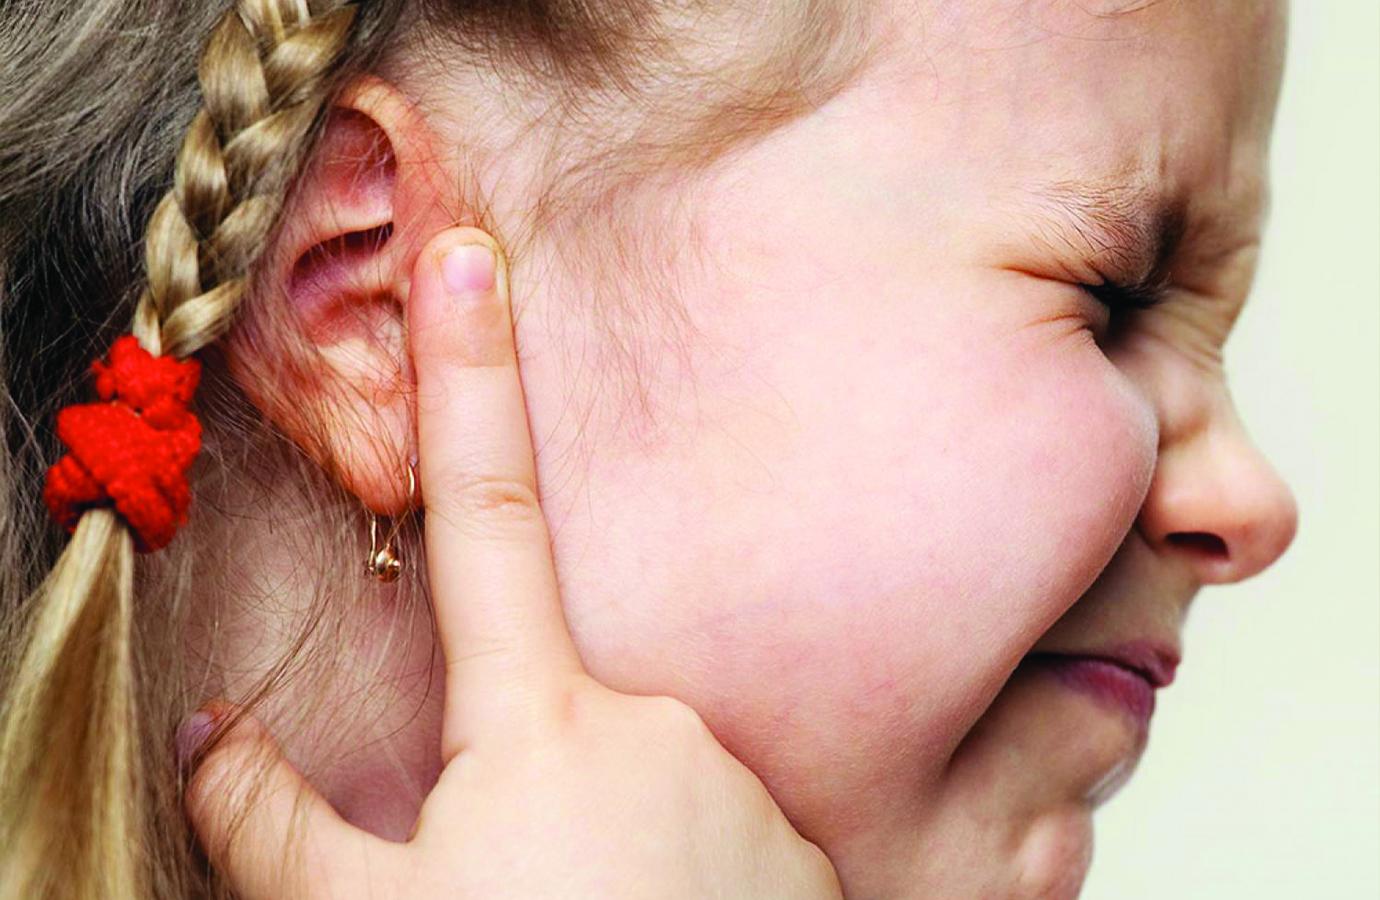 Отит у новорожденных: причины, как проявляется болезнь у грудничка, как понять, что младенец болен отитом